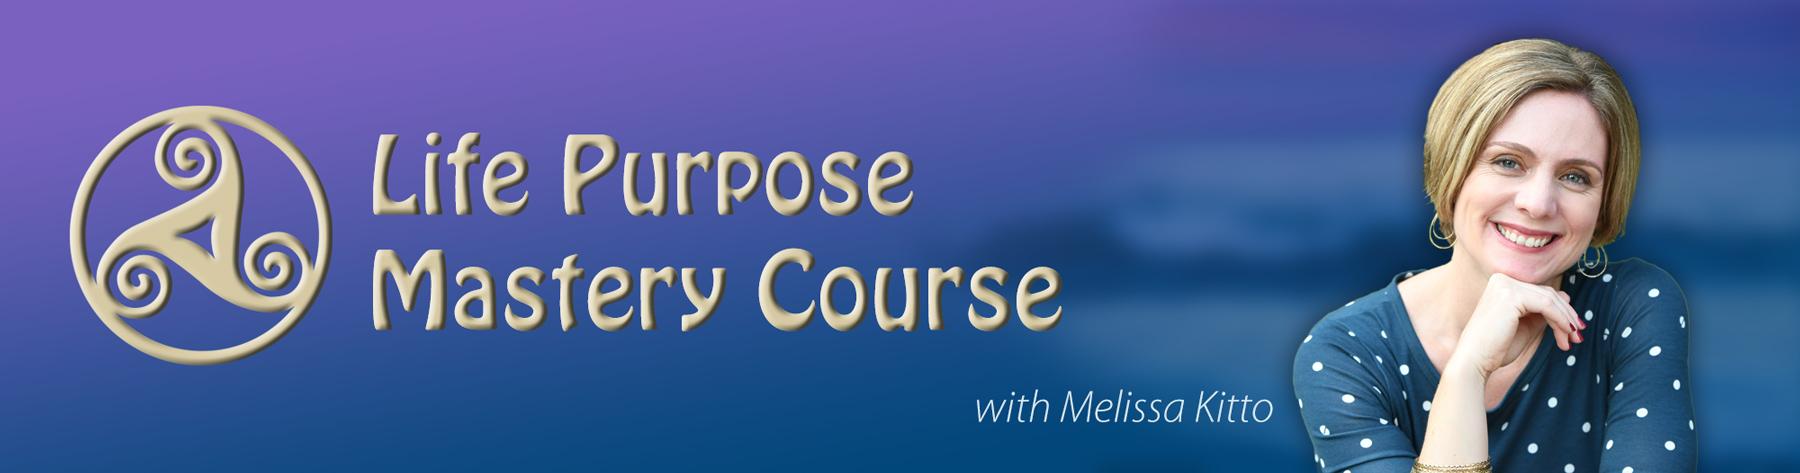 Life Purpose Mastery image